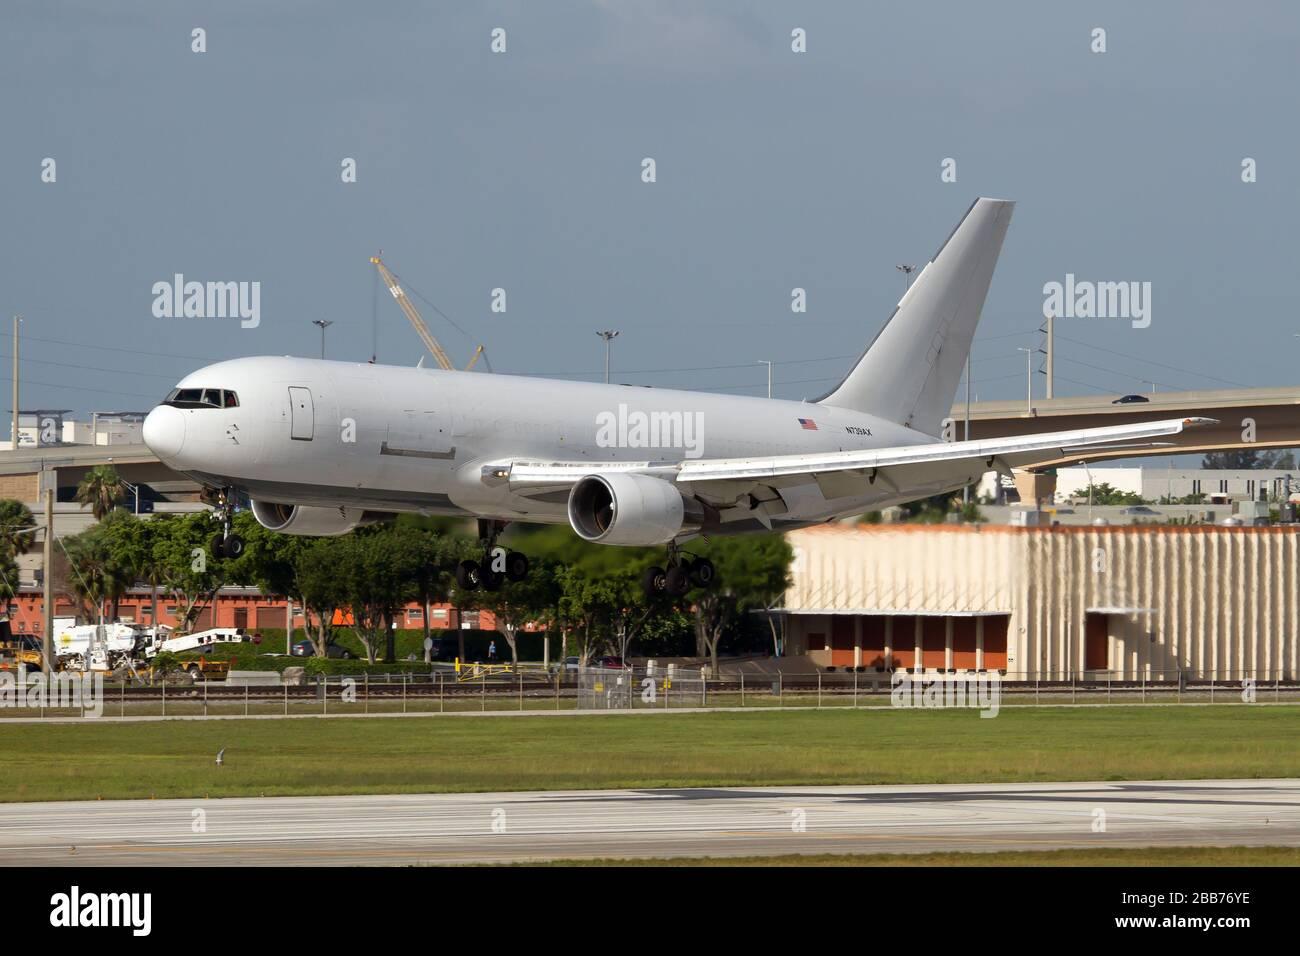 Un avión de carga Amerijet International Boeing 767-200 aterriza en el aeropuerto internacional de Miami. Foto de stock